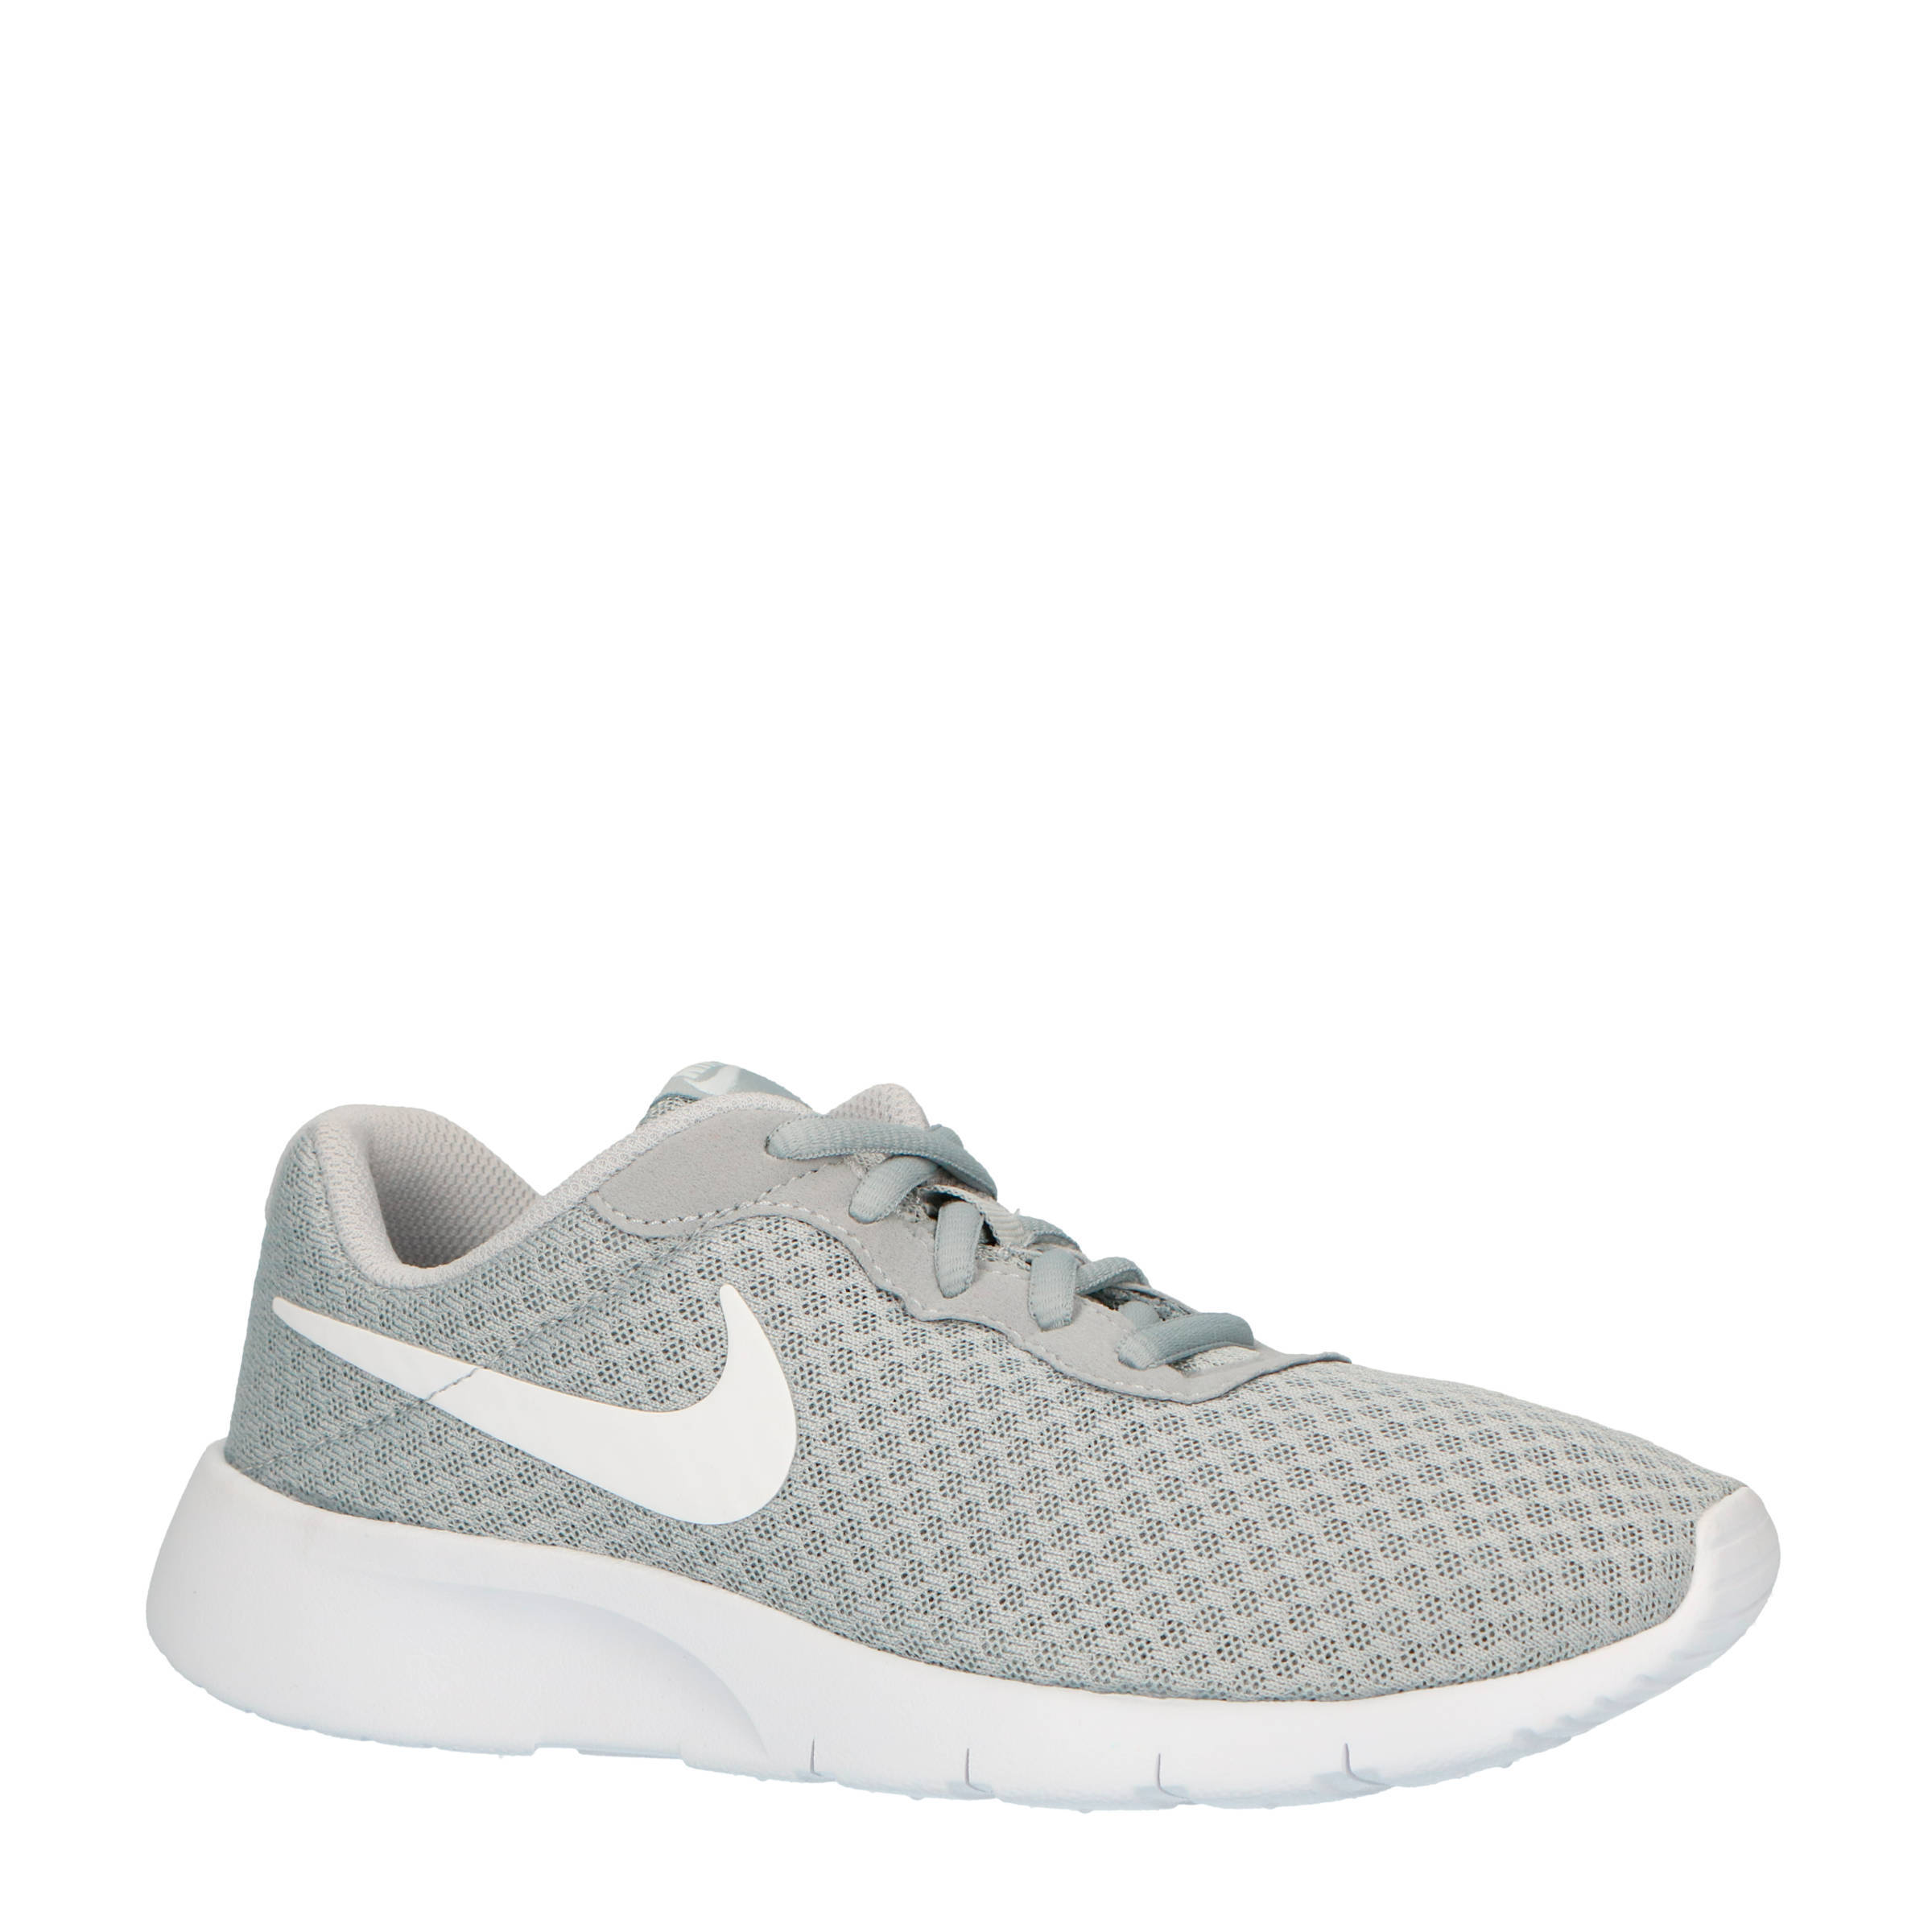 Tanjun (GS) sneakers